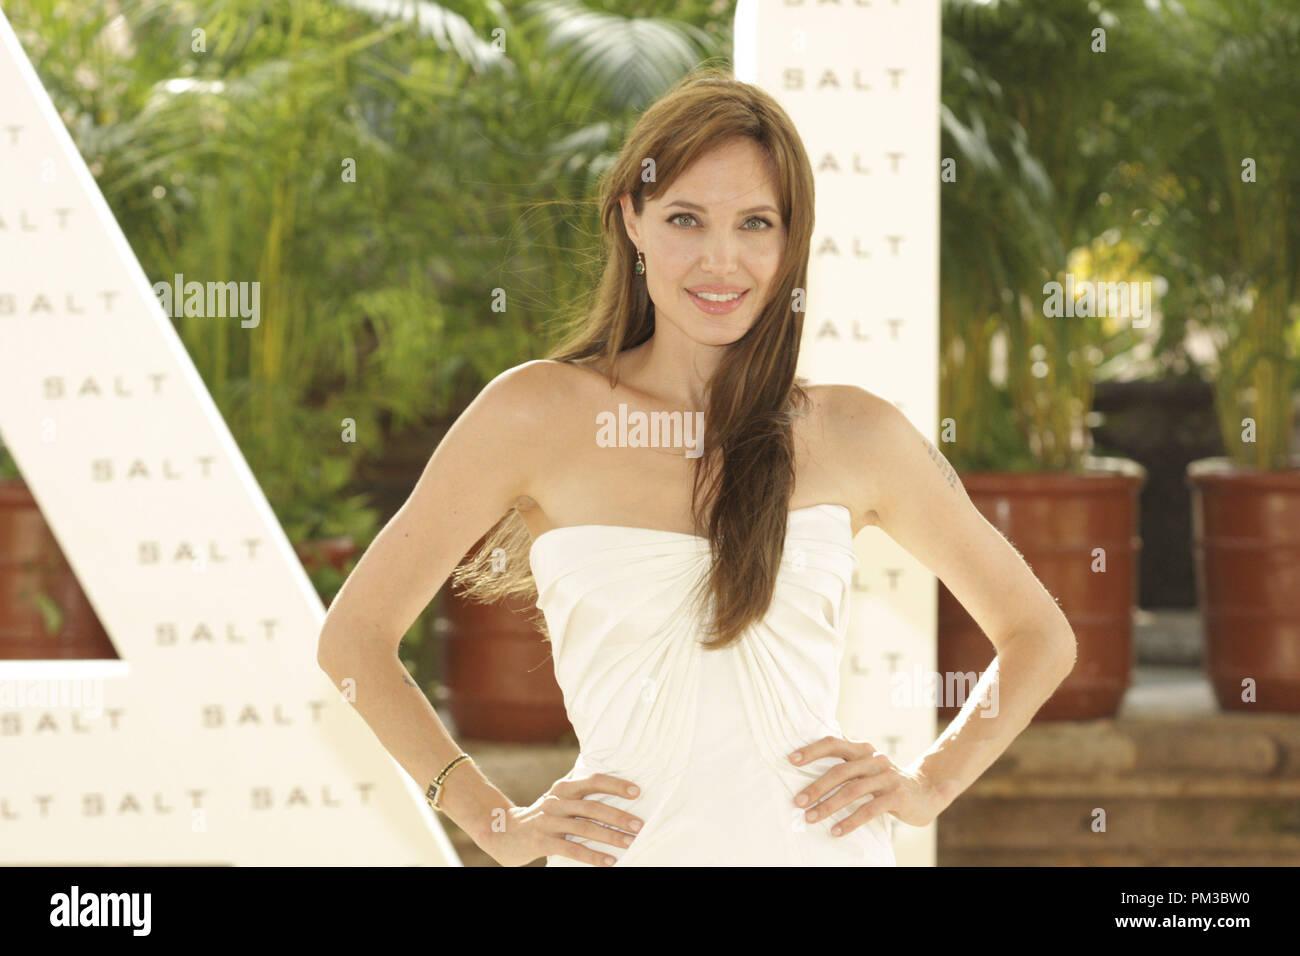 Cancún, México - El 30 de junio de 2010: Angelina Jolie en Columbia Pictures Foto sal llamada retenida en el verano de Sony. Archivo de referencia # 30317_002CCI sólo para uso editorial - Todos los derechos reservados Imagen De Stock